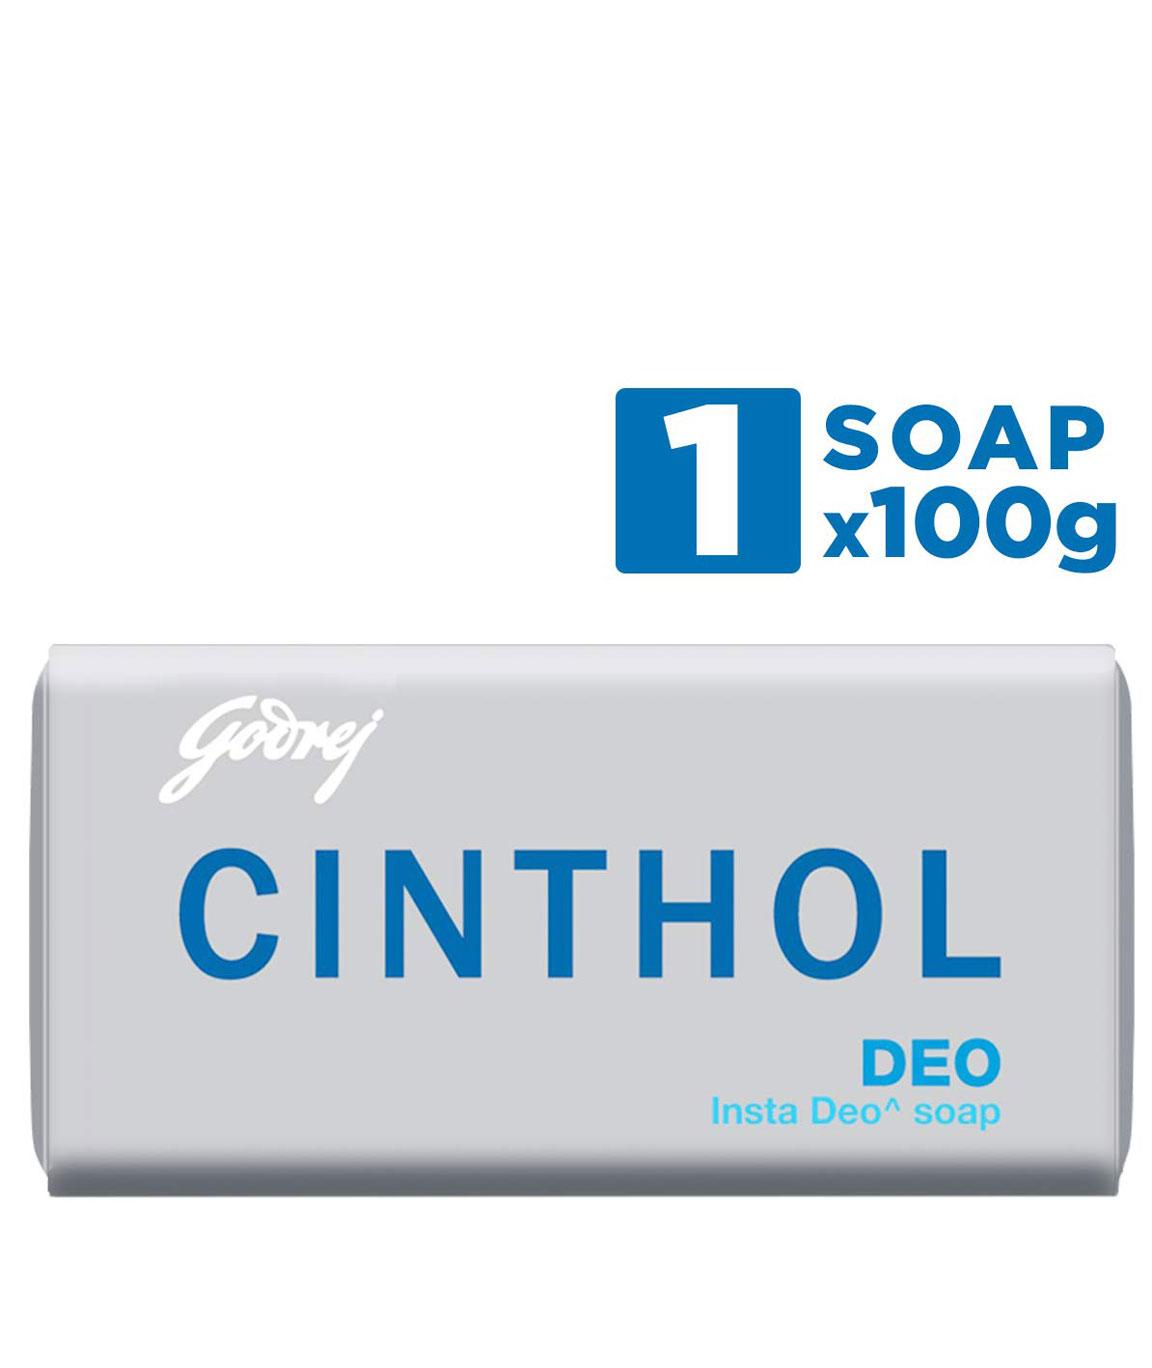 Cinthol Deo Bath Soap, 100g (Pack of 3)